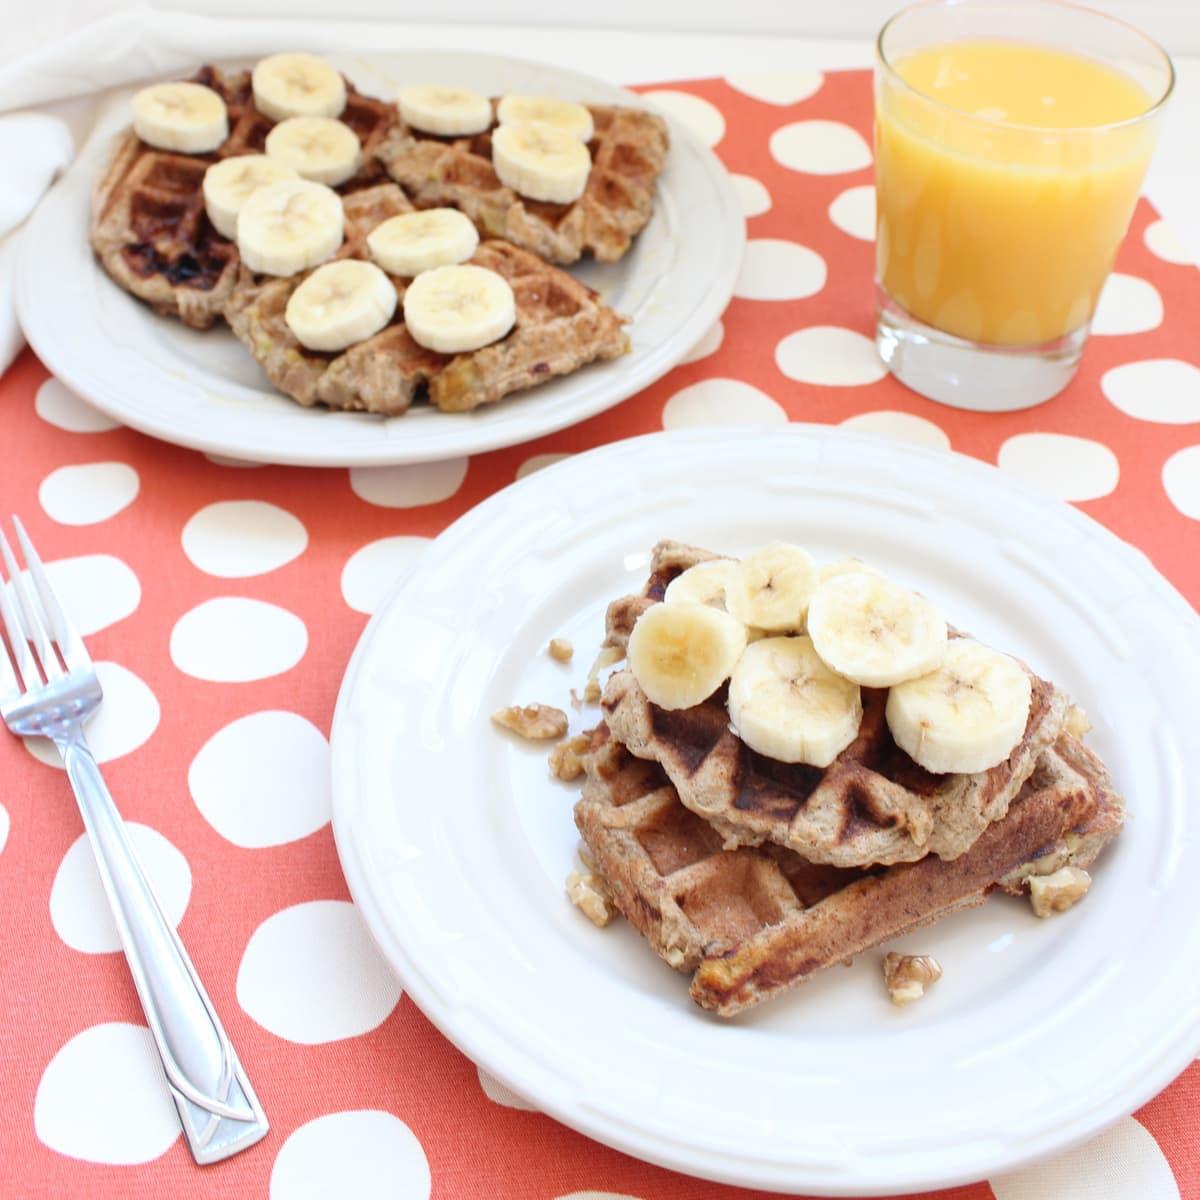 ... in Gluten Free Banana Walnut Waffles Full resolution (2304 × 2304